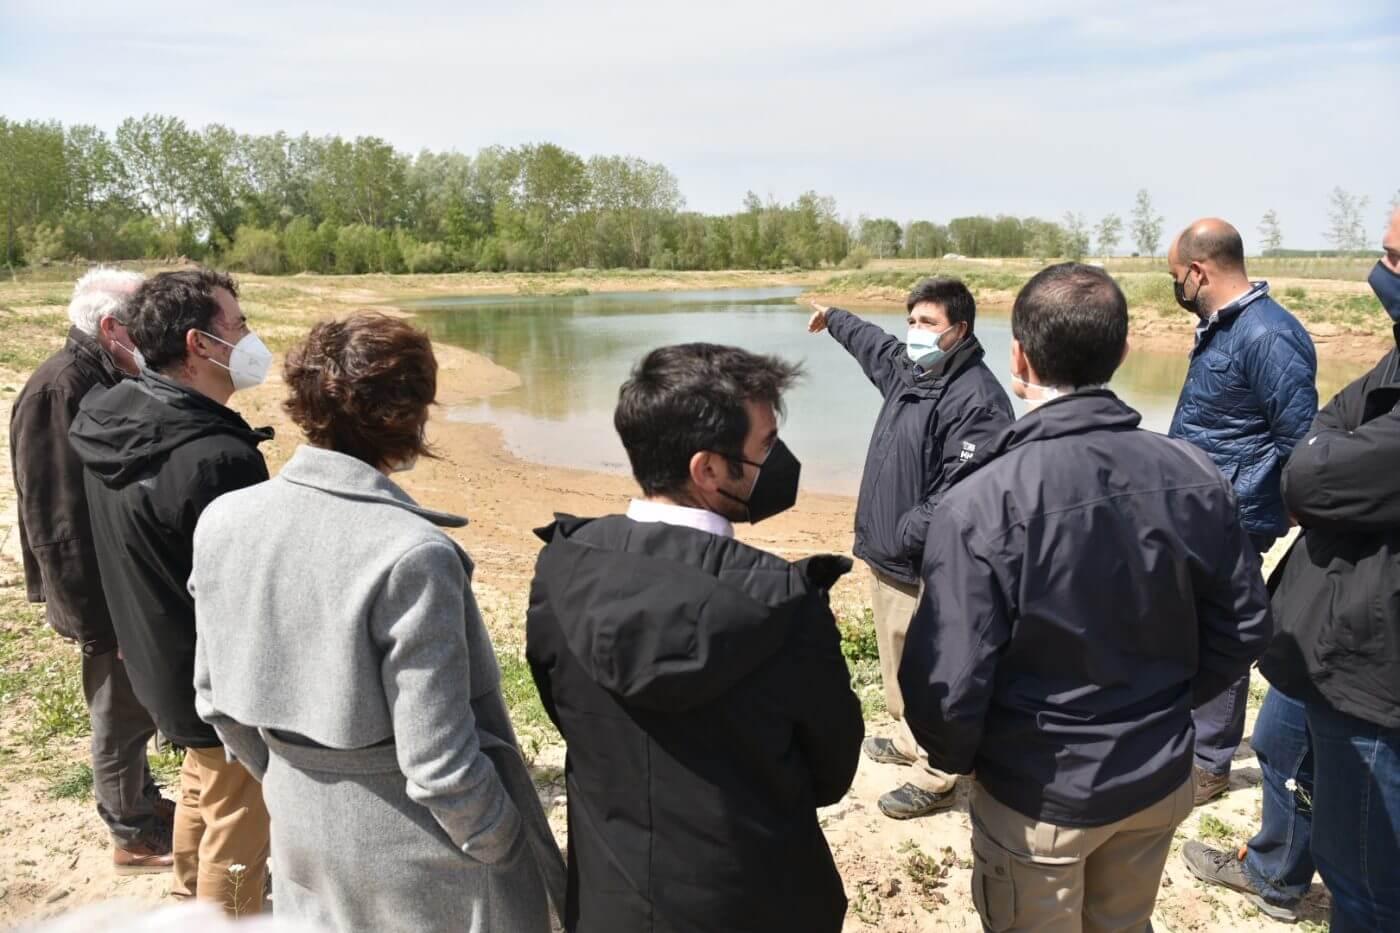 La CHE invierte 2,2 millones de euros en la zona fluvial alfareña de La Nava y 348.000 en el puente del canal de Lodosa en Calahorra